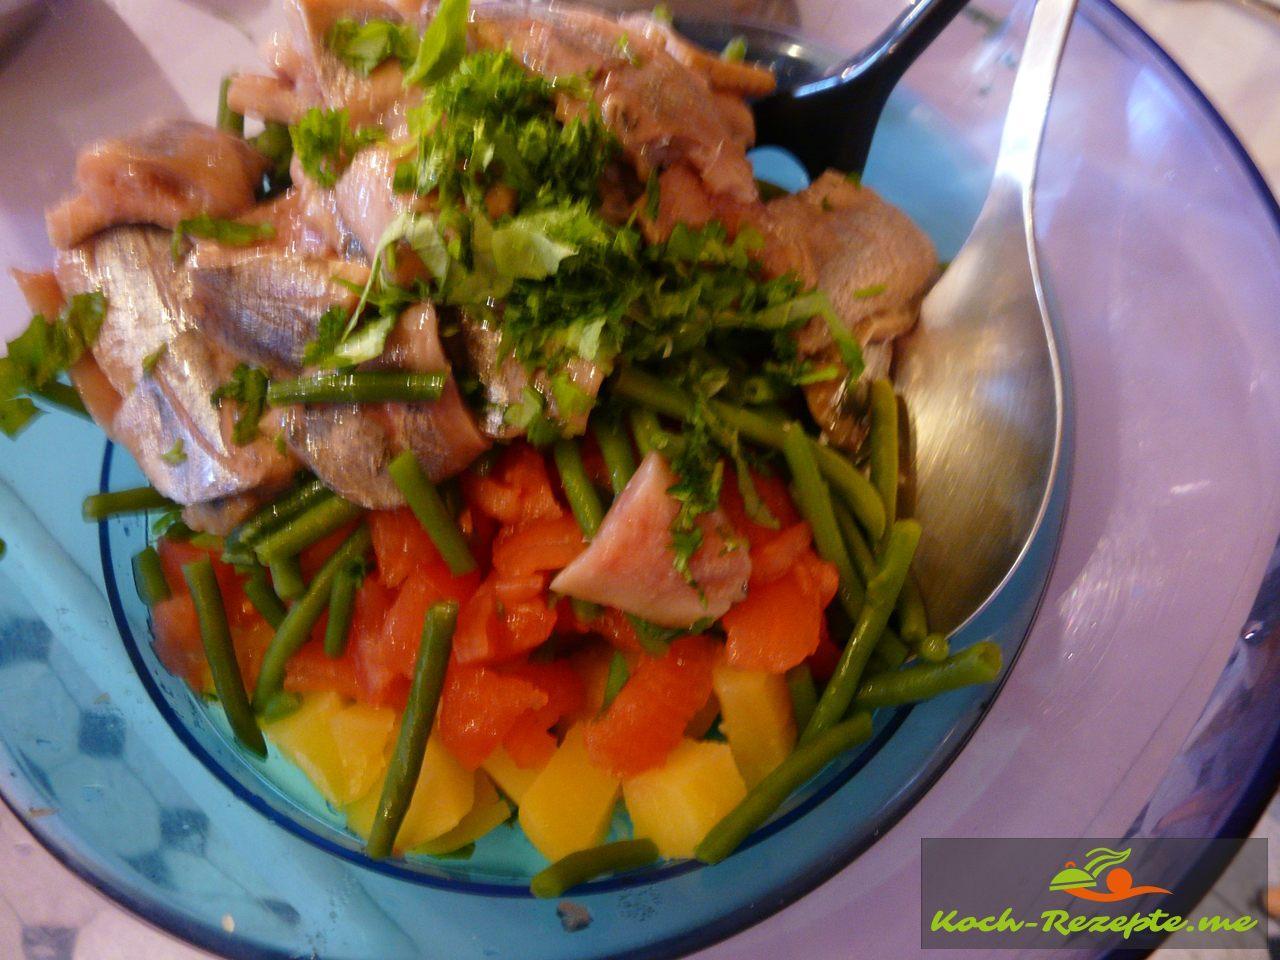 In einer Schüssel den Salat mit grünen Bohnen und den anderen Zutaten vermischen